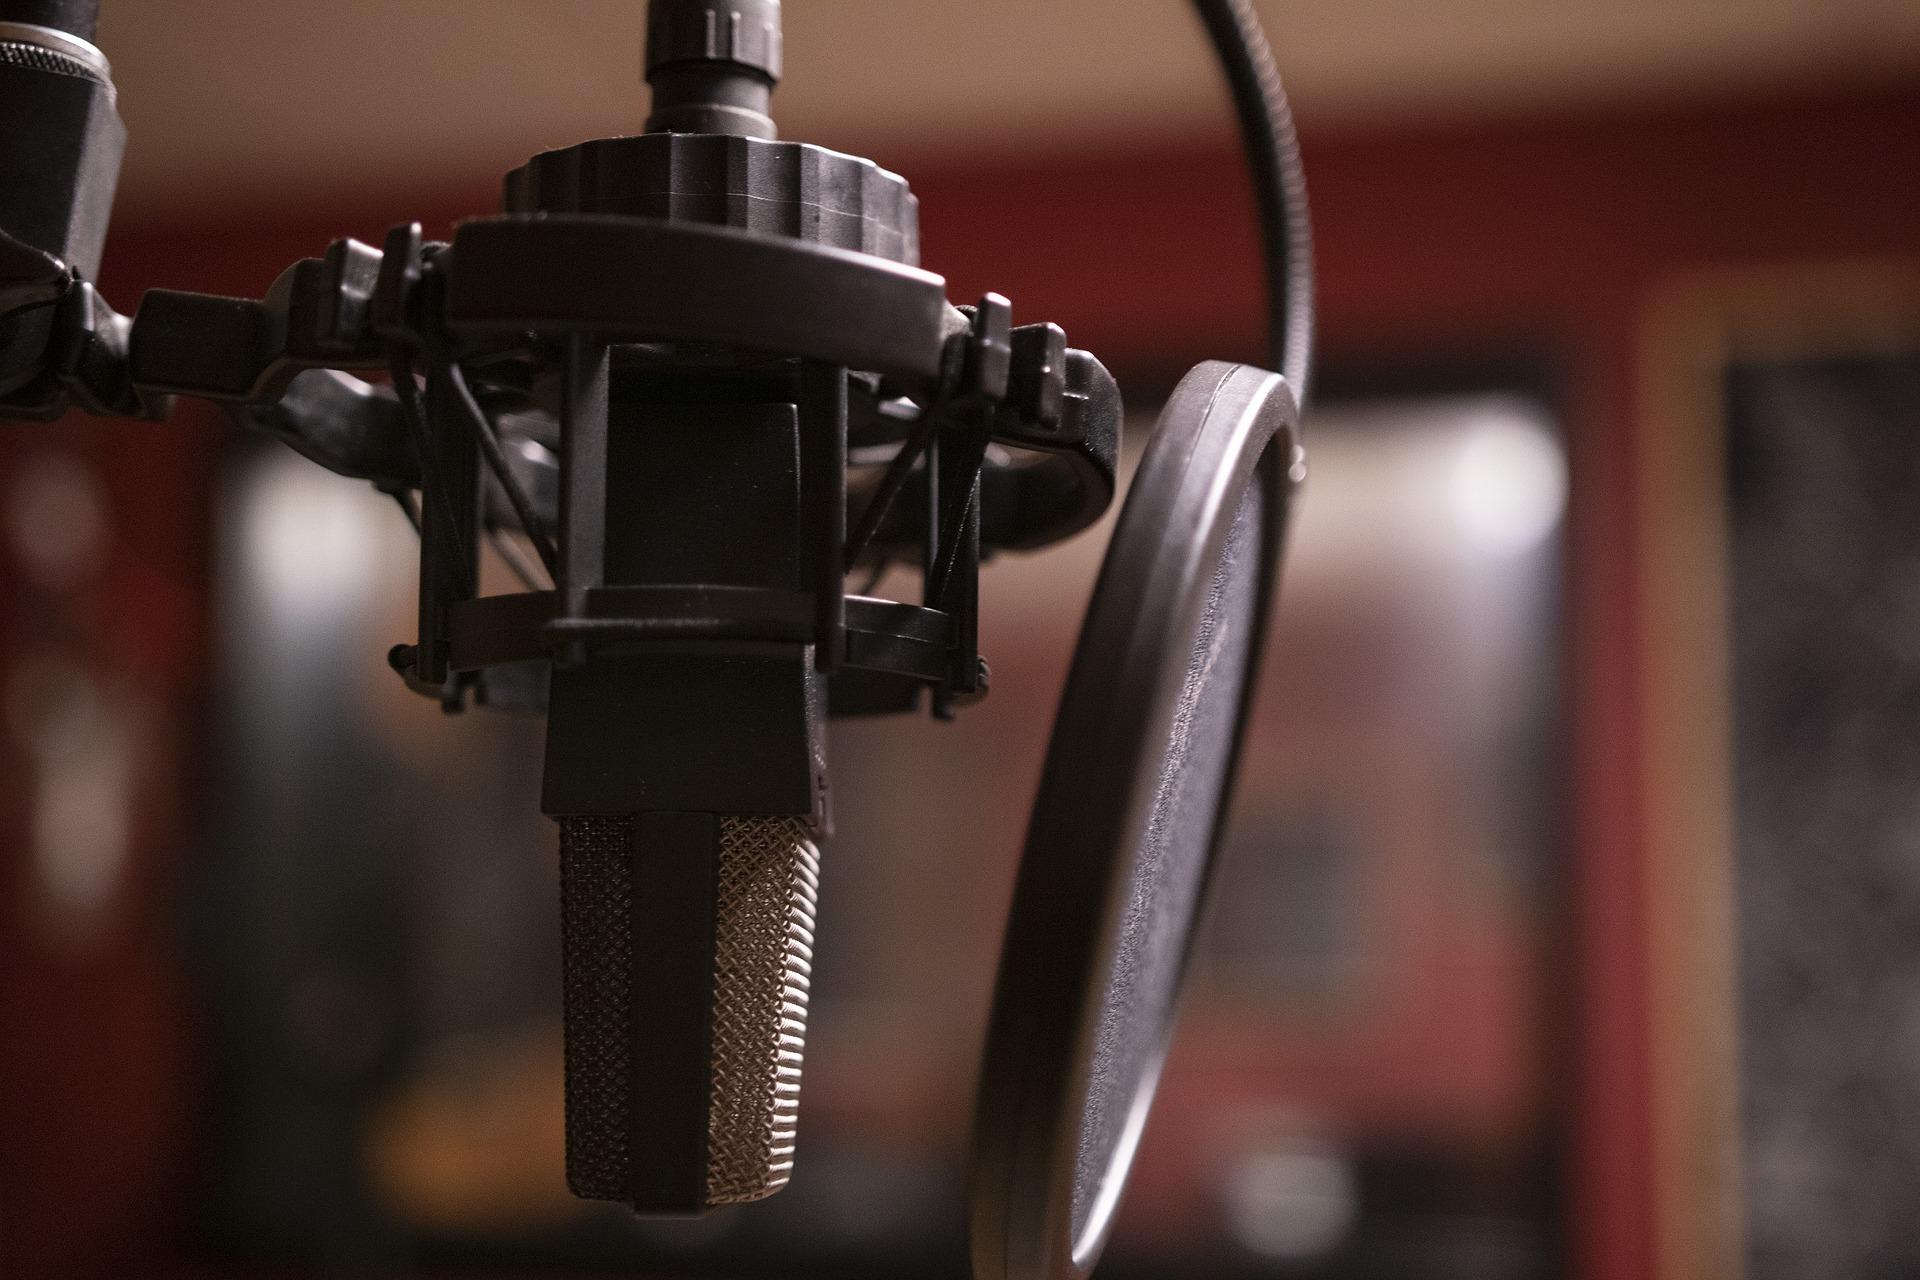 Podcast Yayıncısı Nasıl Olunur